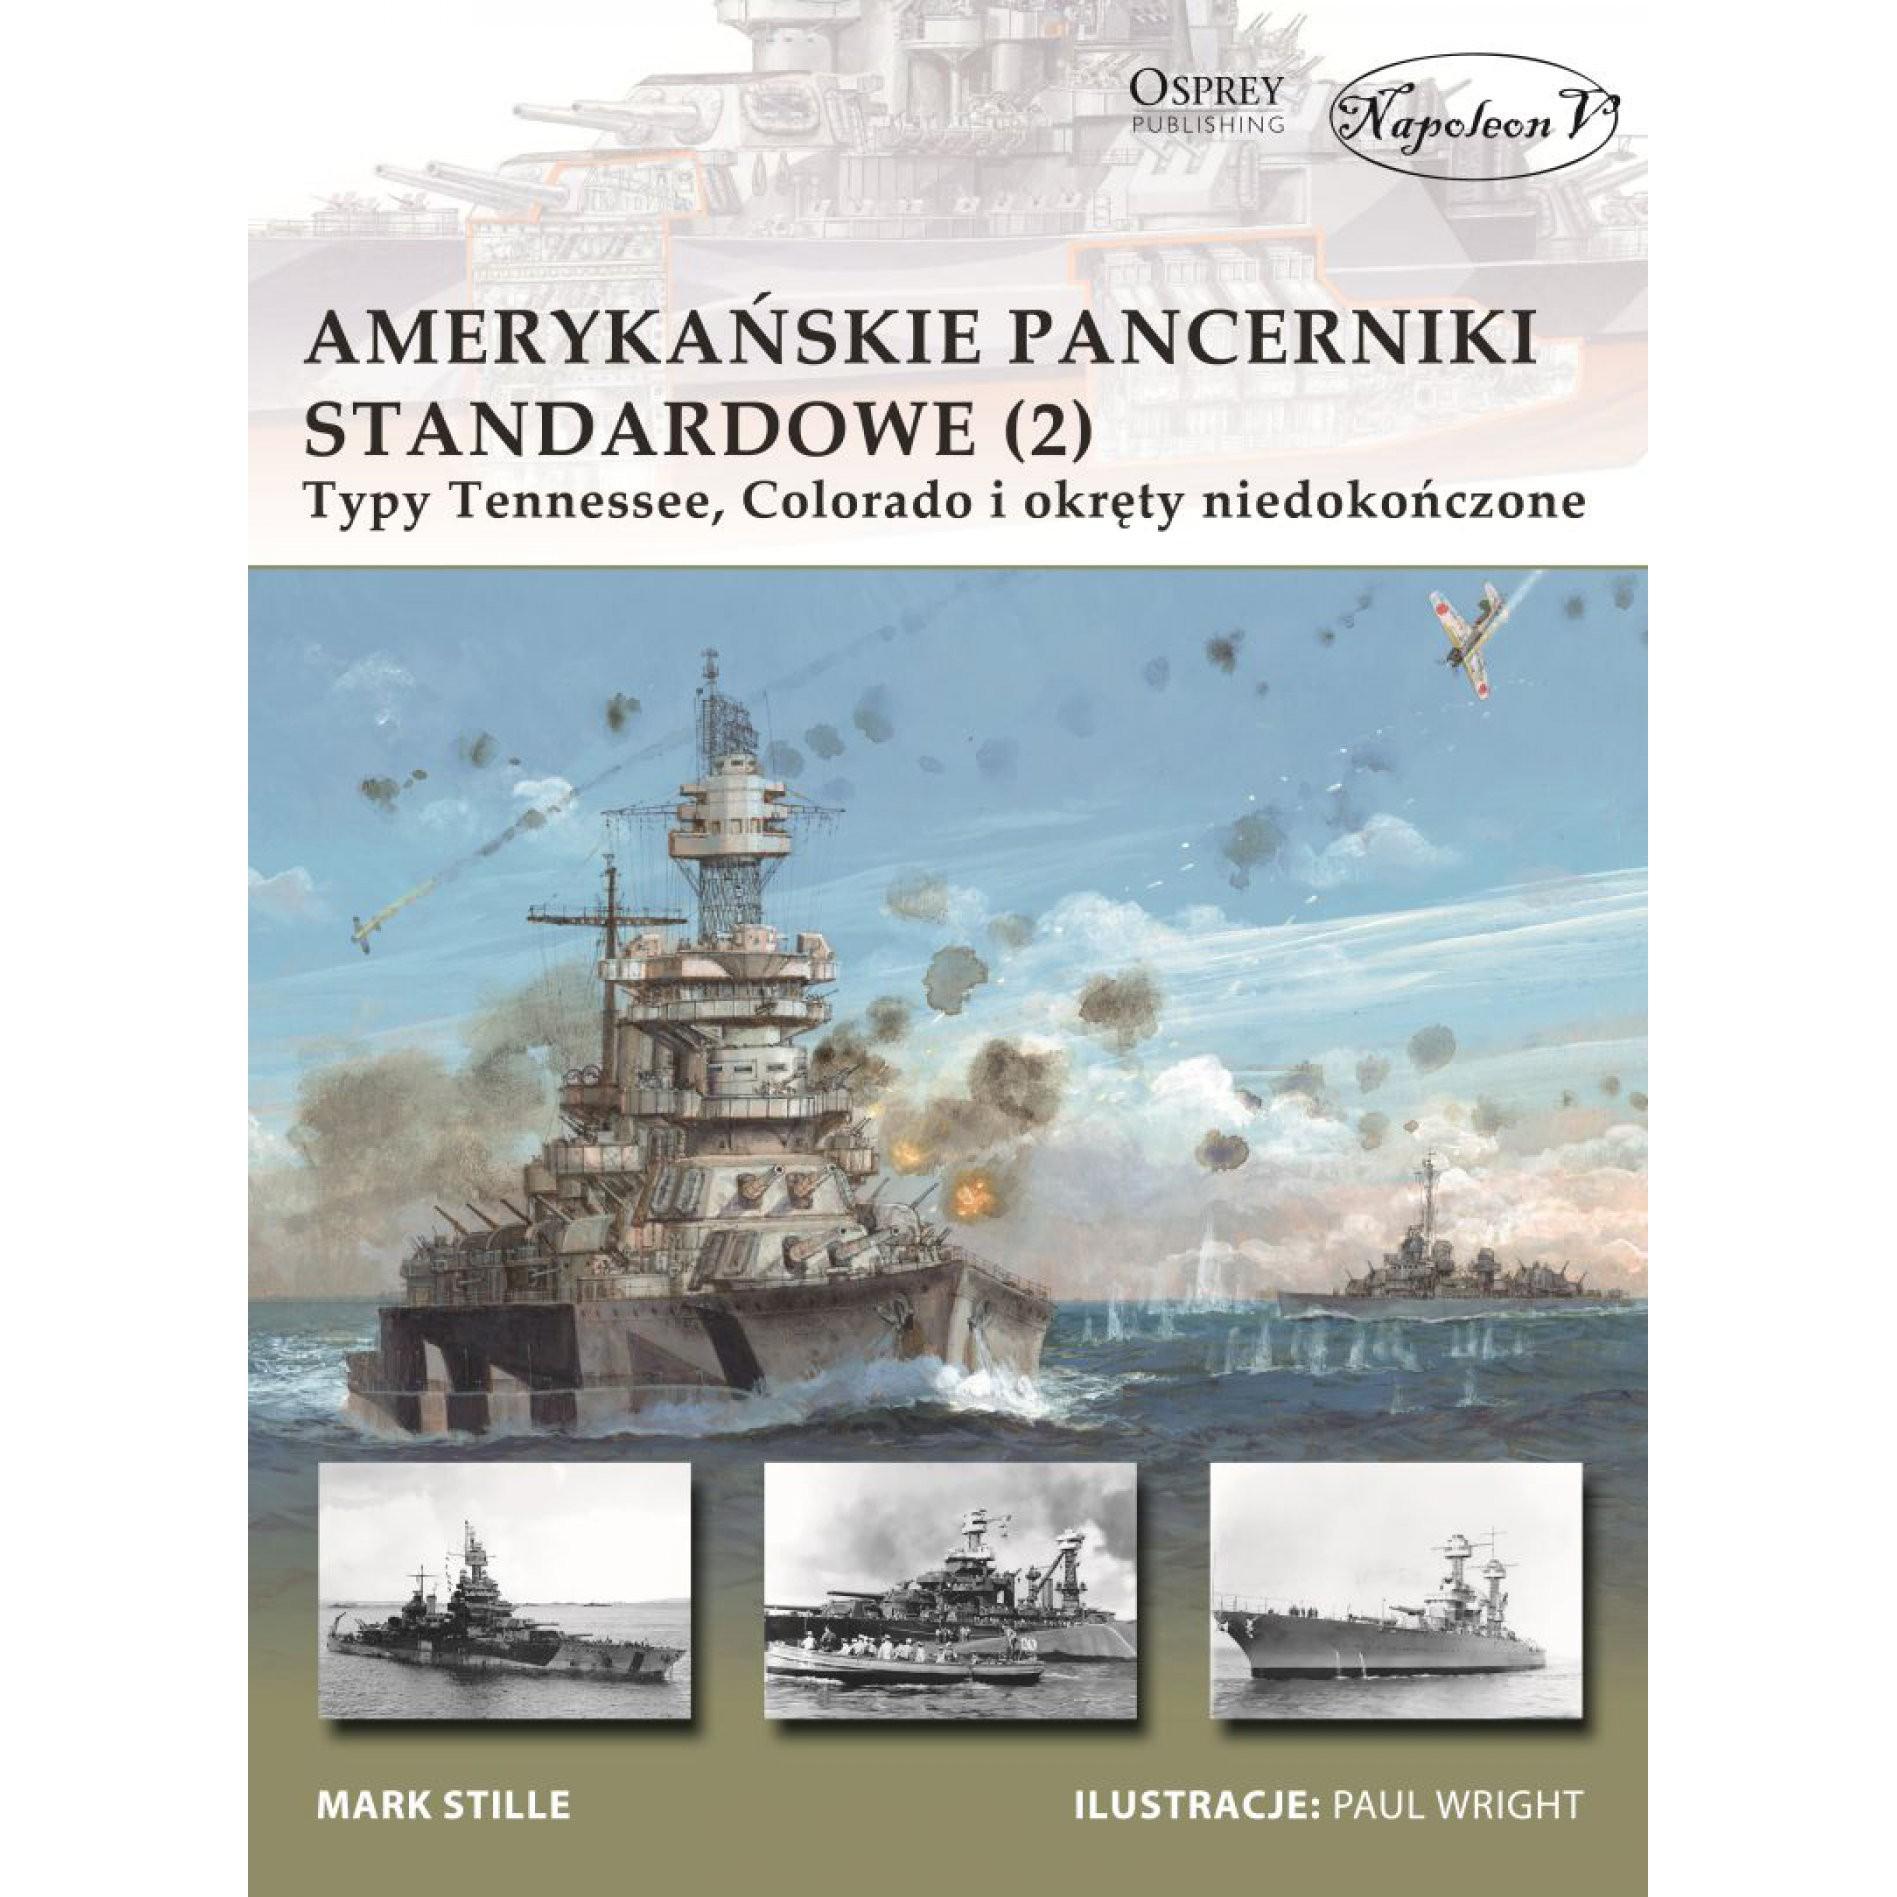 Amerykańskie pancerniki standardowe 1941-1945 (2) Typy Tennessee, Colorado i okręty niedokończone